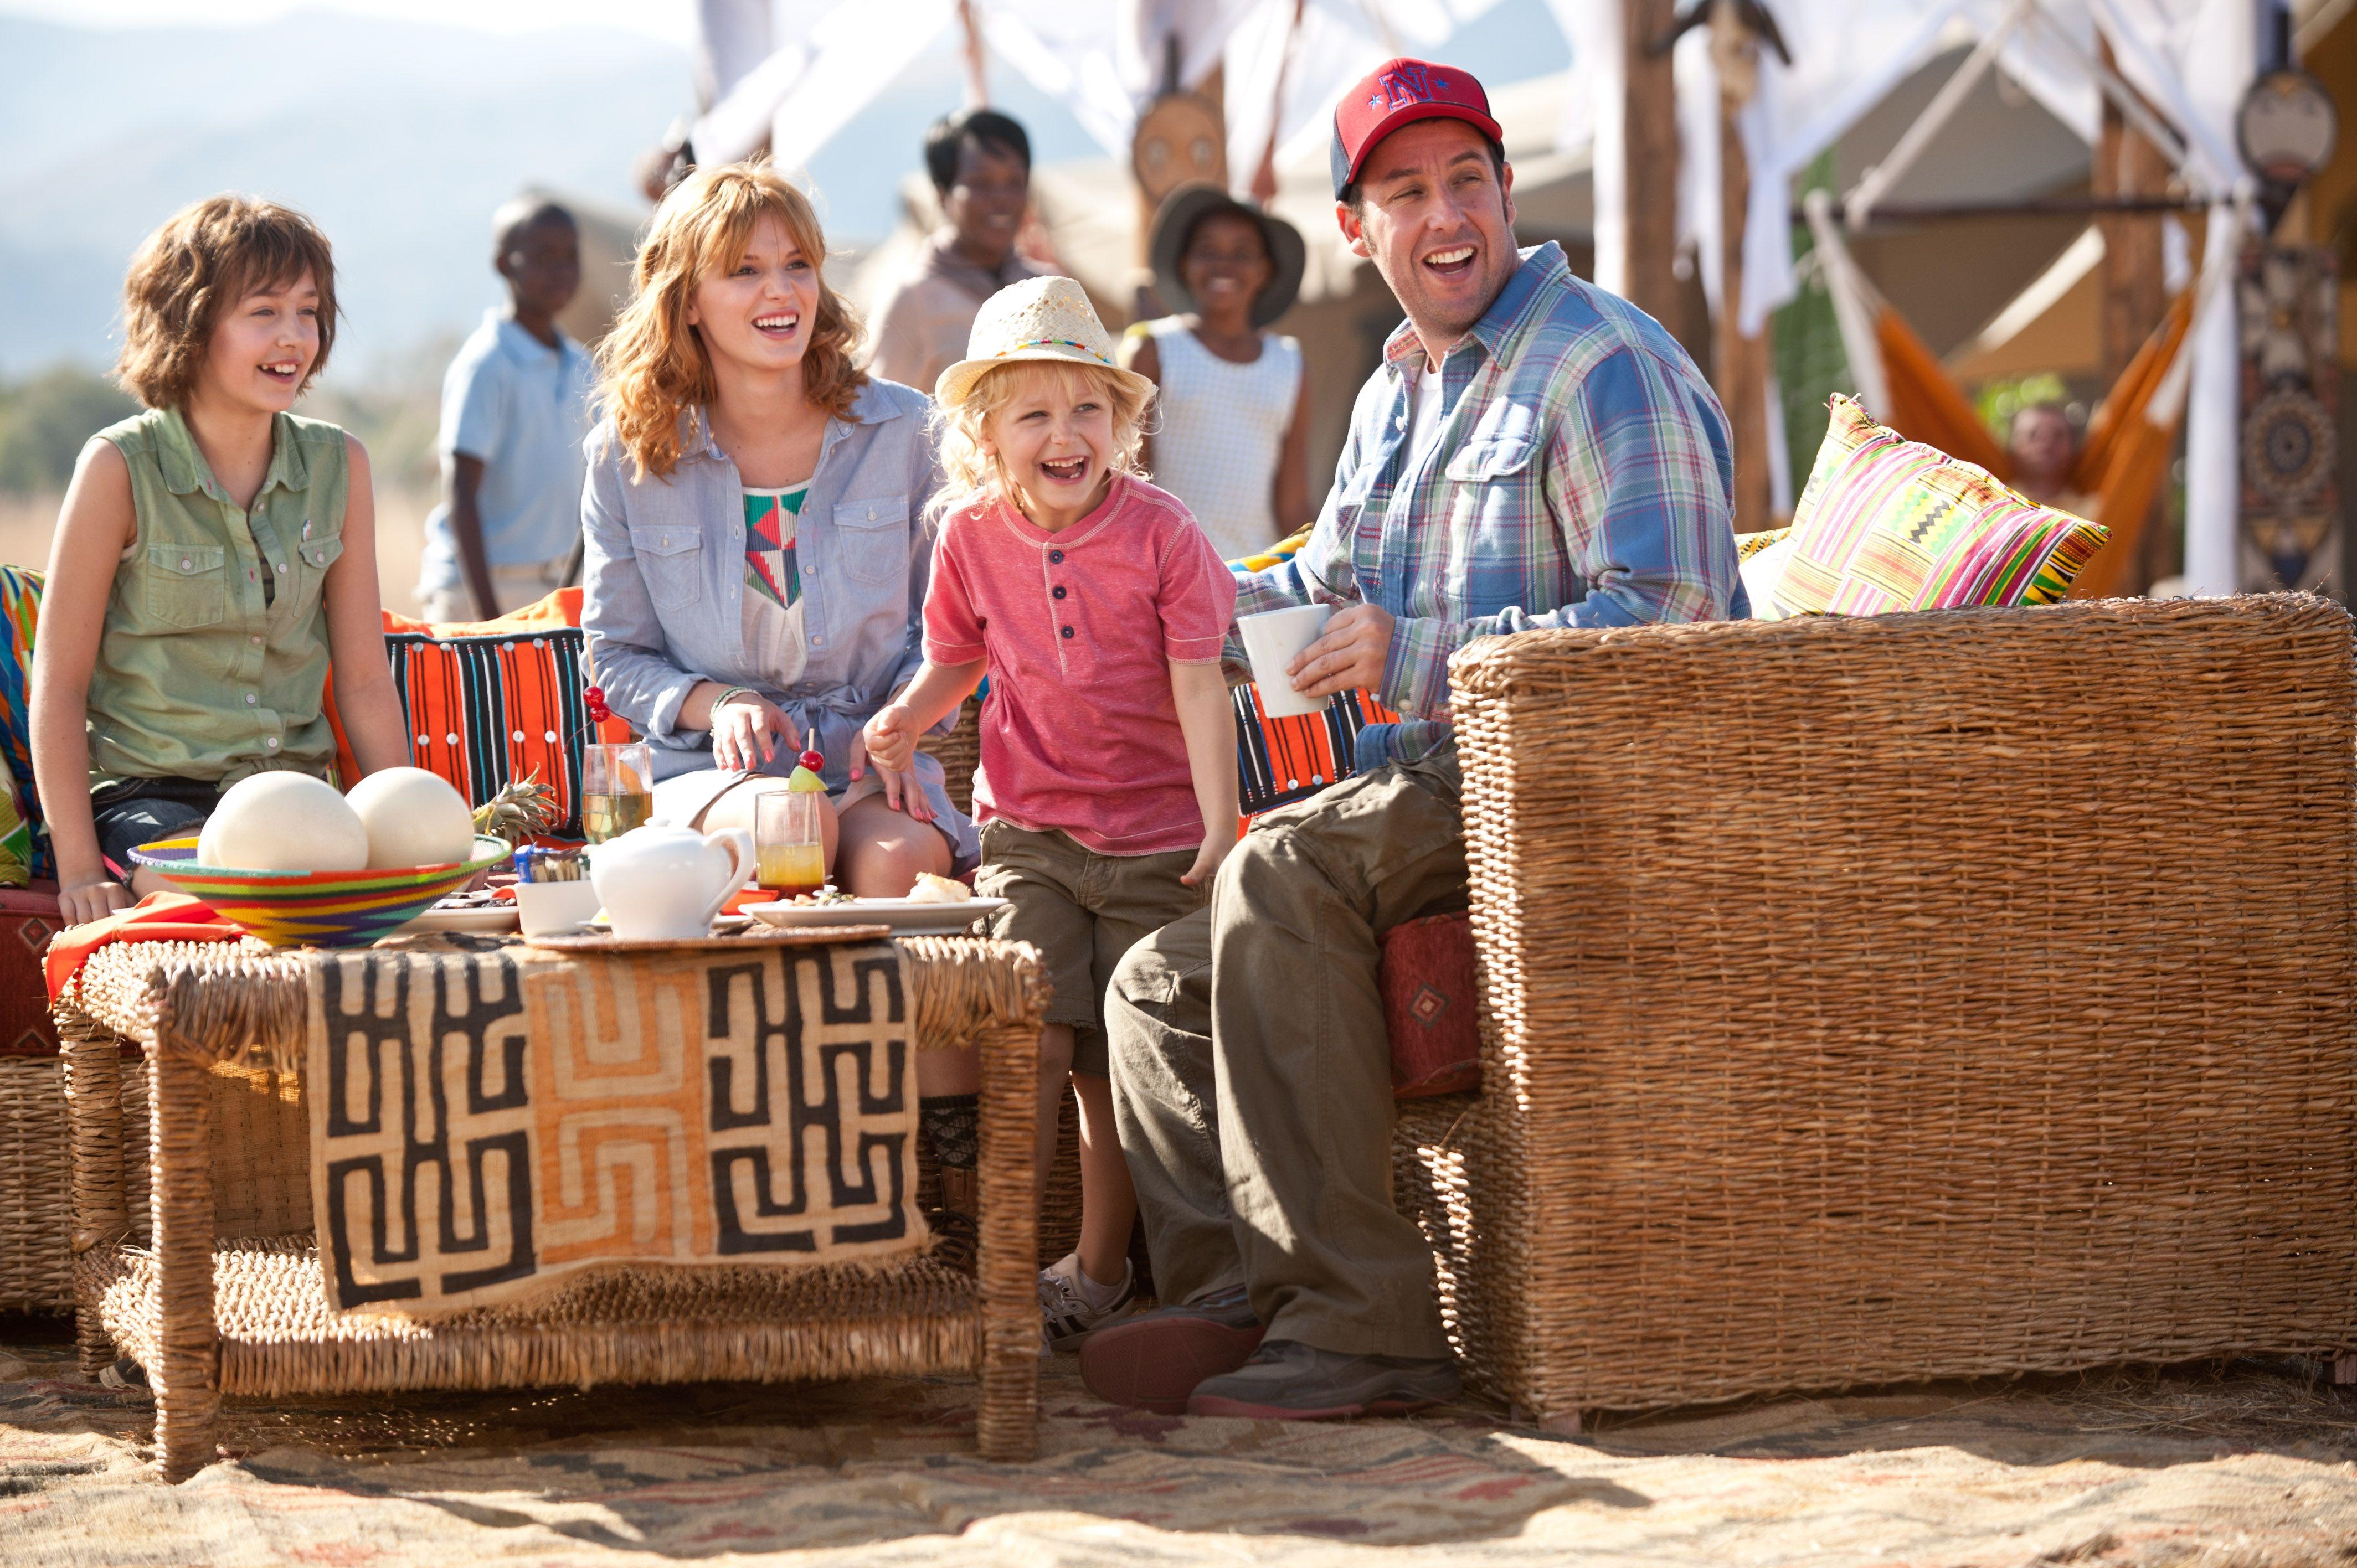 Jim (Adam Sandler) es un padre viudo que tiene que hacerse cargo de sus 3 hijas y está un poco perdido. Descubre cómo acaba en #JuntosYrevueltos, una comedia para toda la familia.